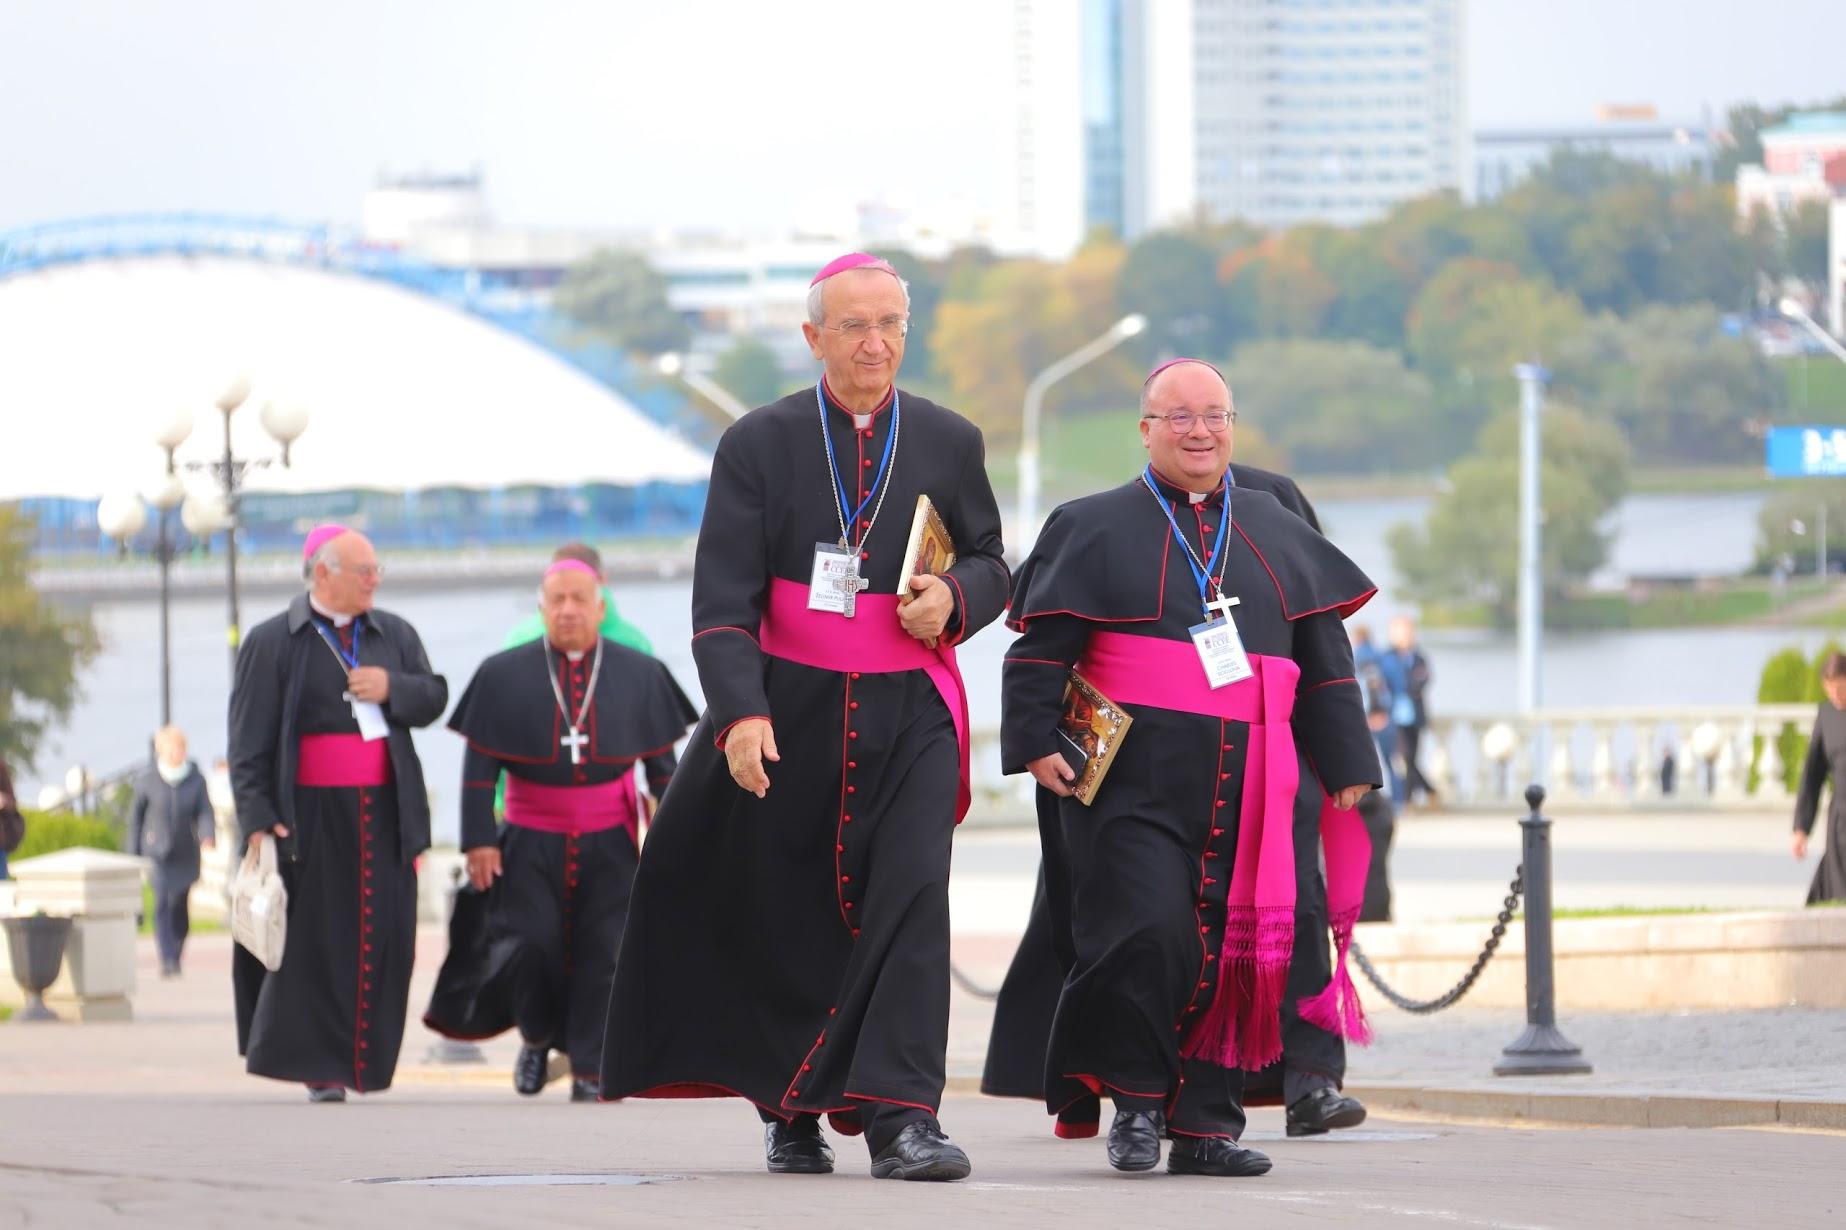 archbishop-charles-j-scicluna-in-minsk.jpg